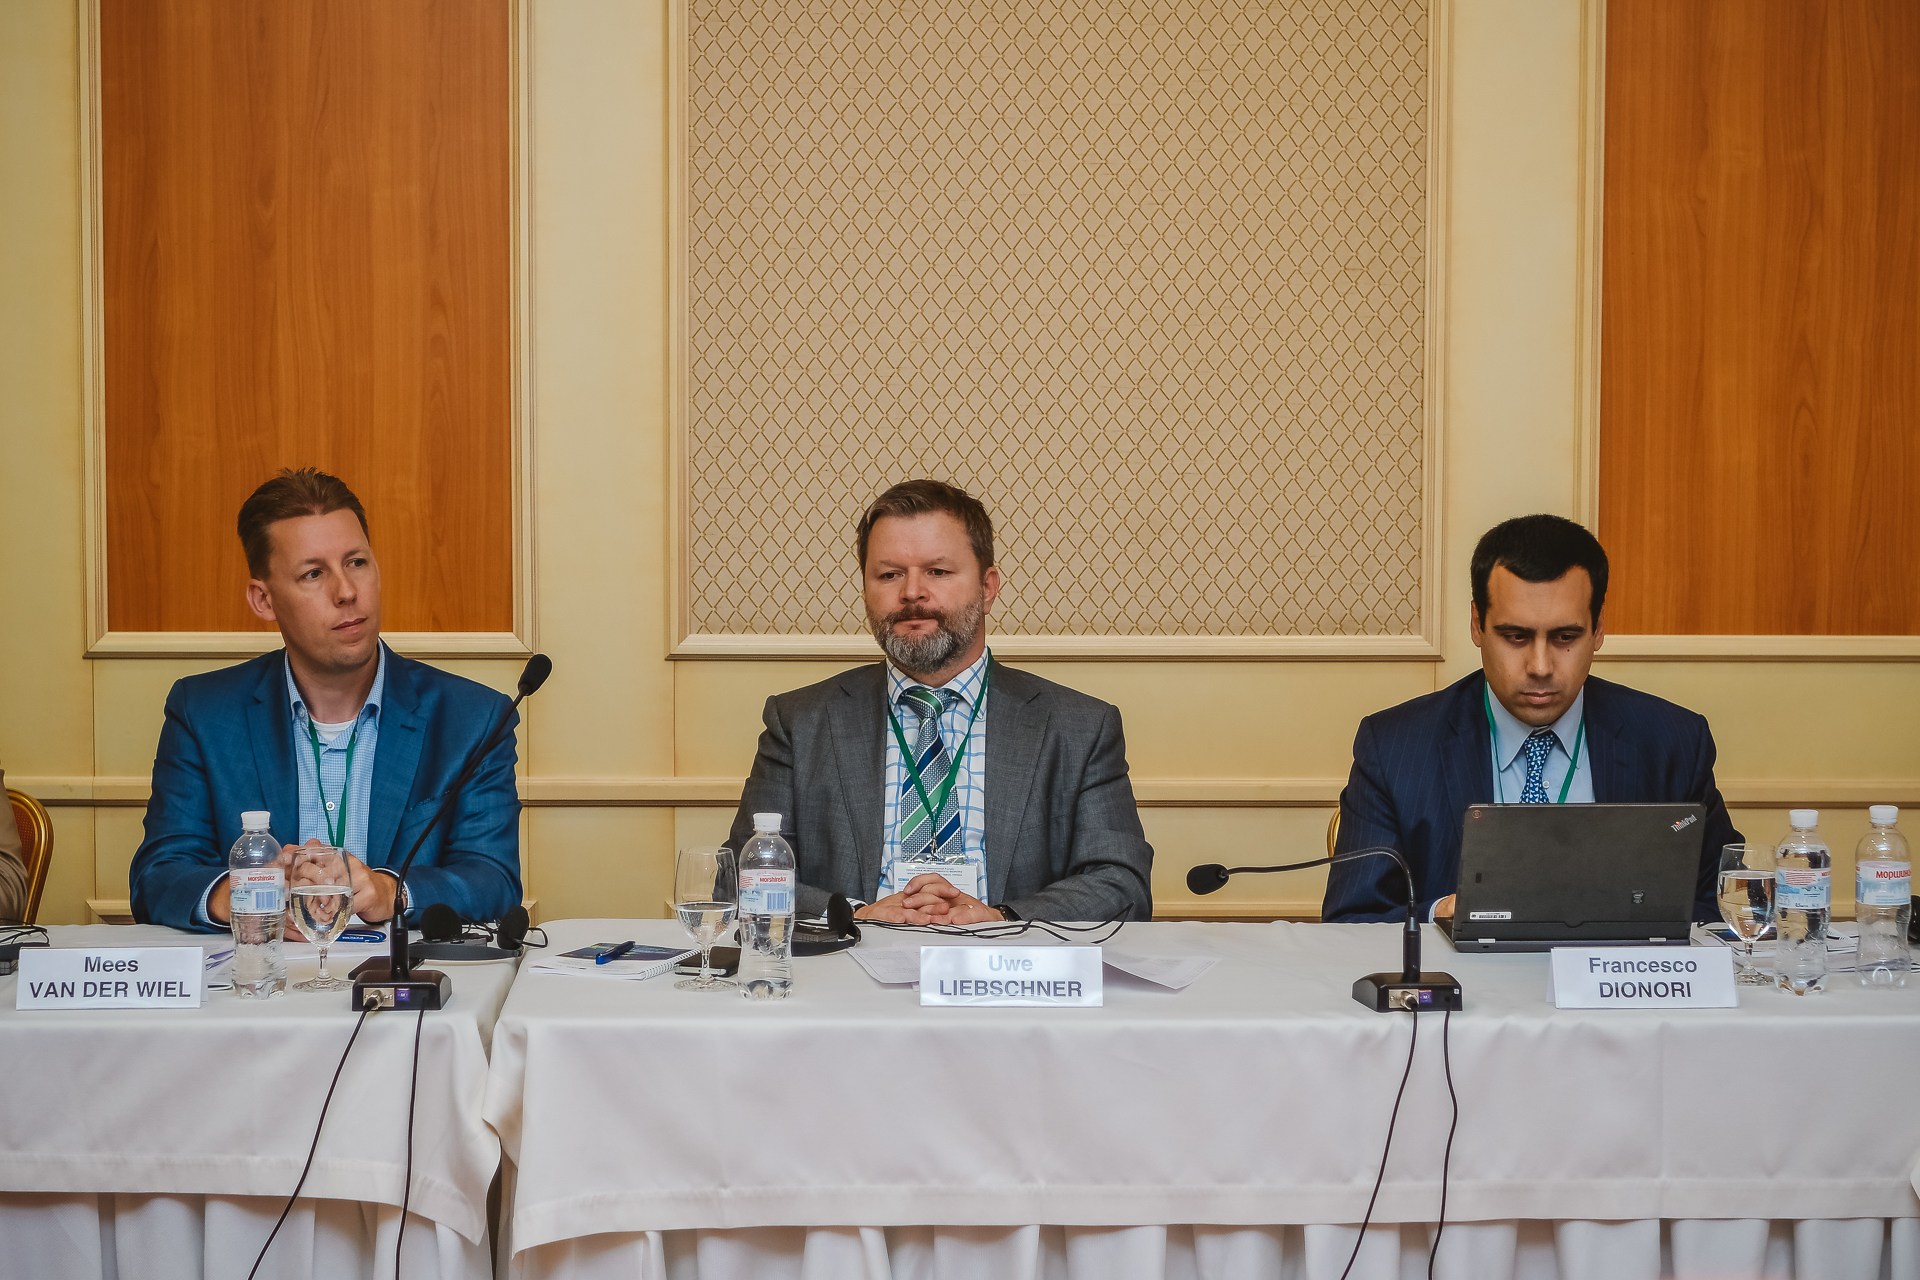 1 июня 2018 - VIII Международный семинар по вопросам упрощения процедур торговли и транспорта